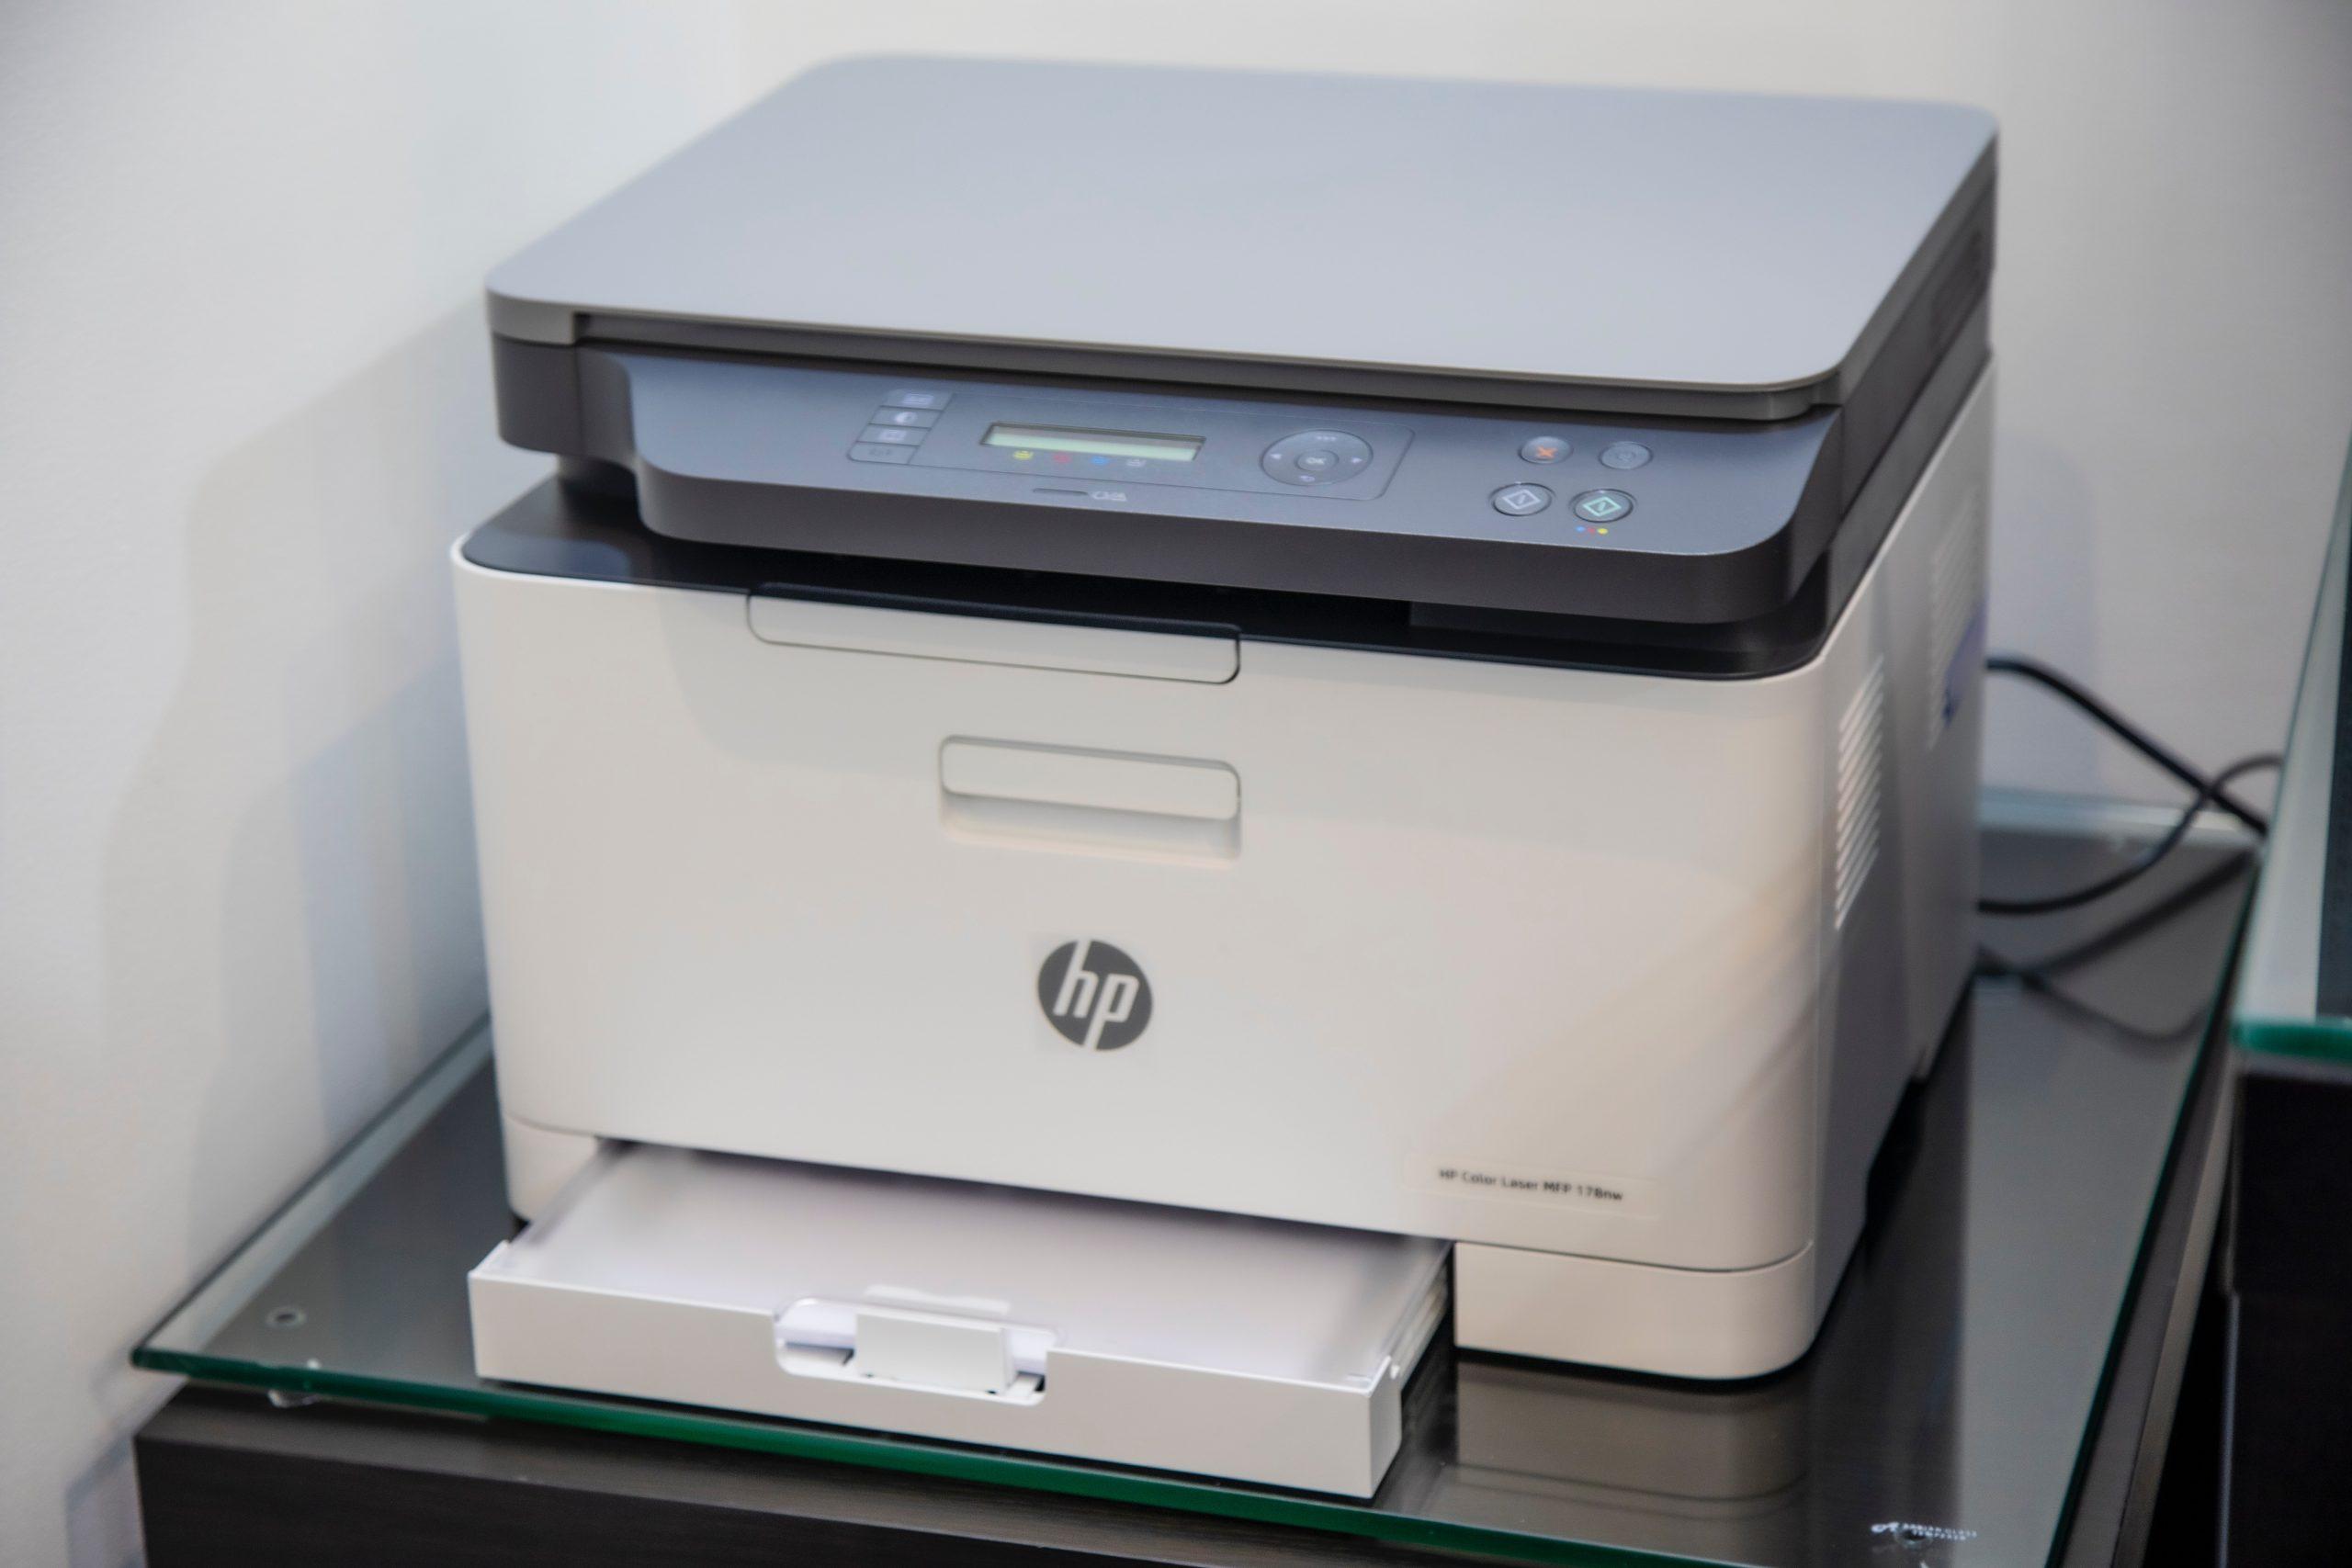 Imagem mostra uma impressora de grande porte.